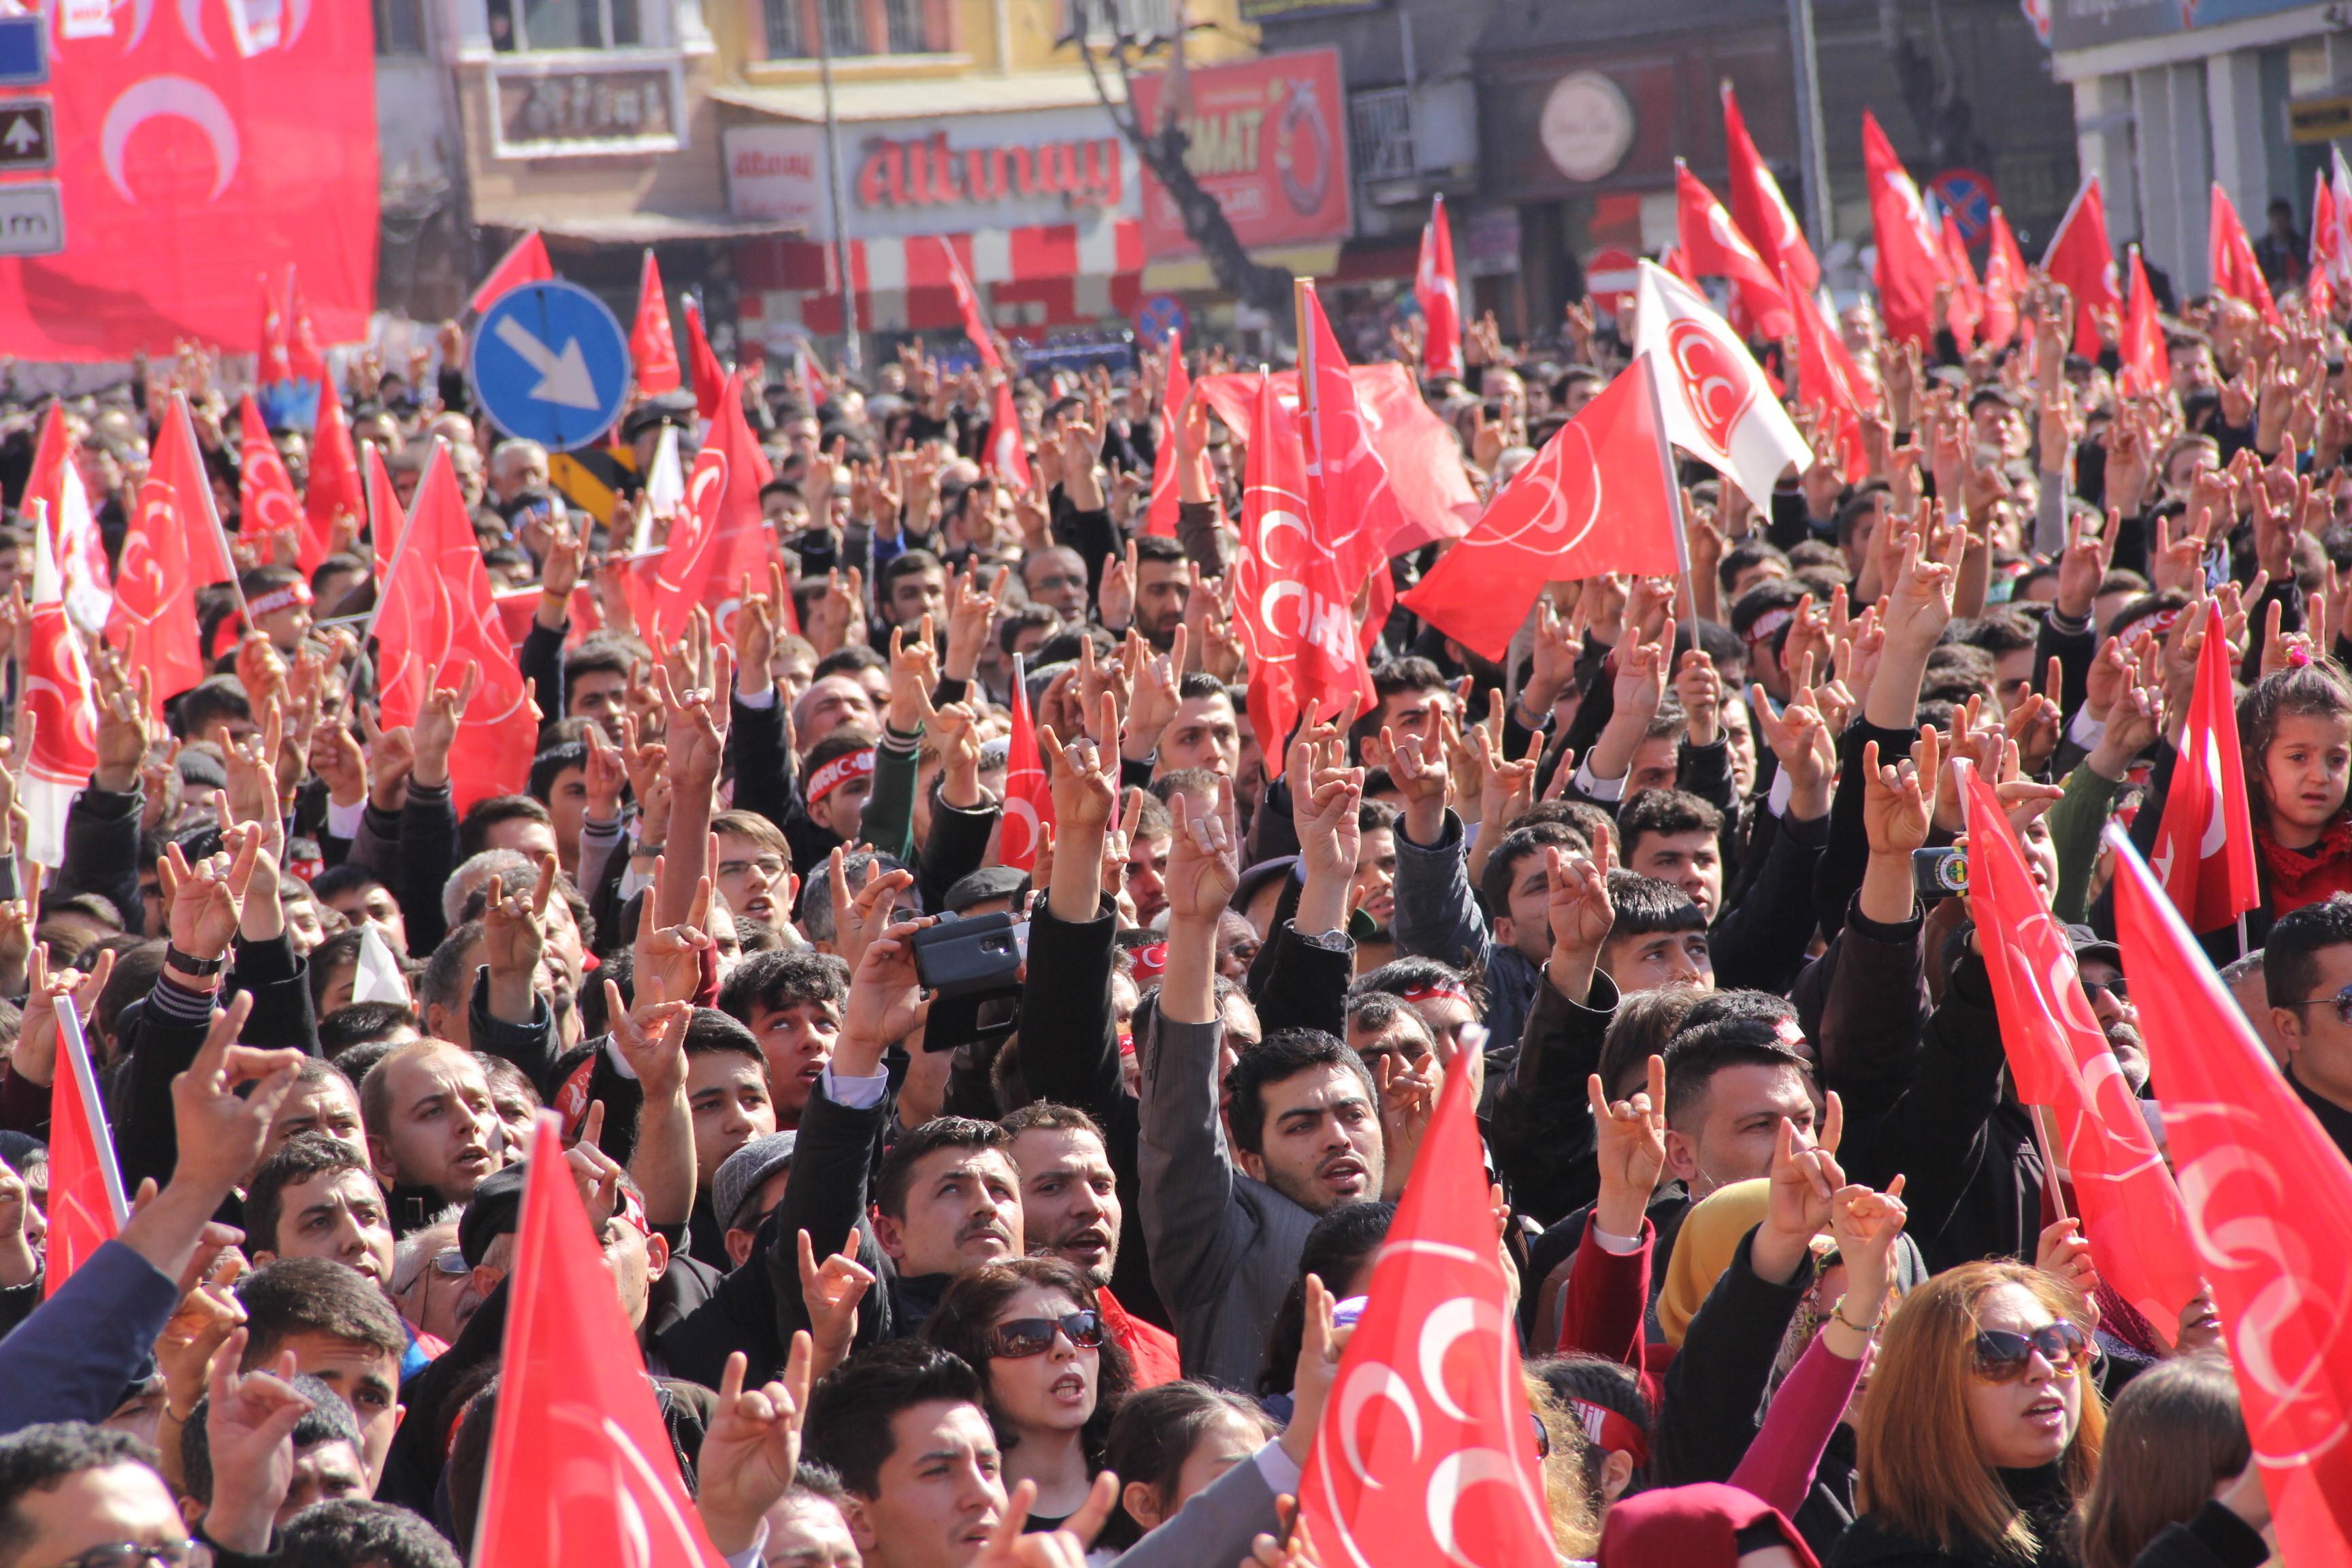 MHP Genel Başkanı Devlet Bahçeli, partisinin Afyonkarahisar Anıtpark önünde düzenlediği mitingde vatandaşlara hitap etti. (Mustafa Güngör - Anadolu Ajansı)